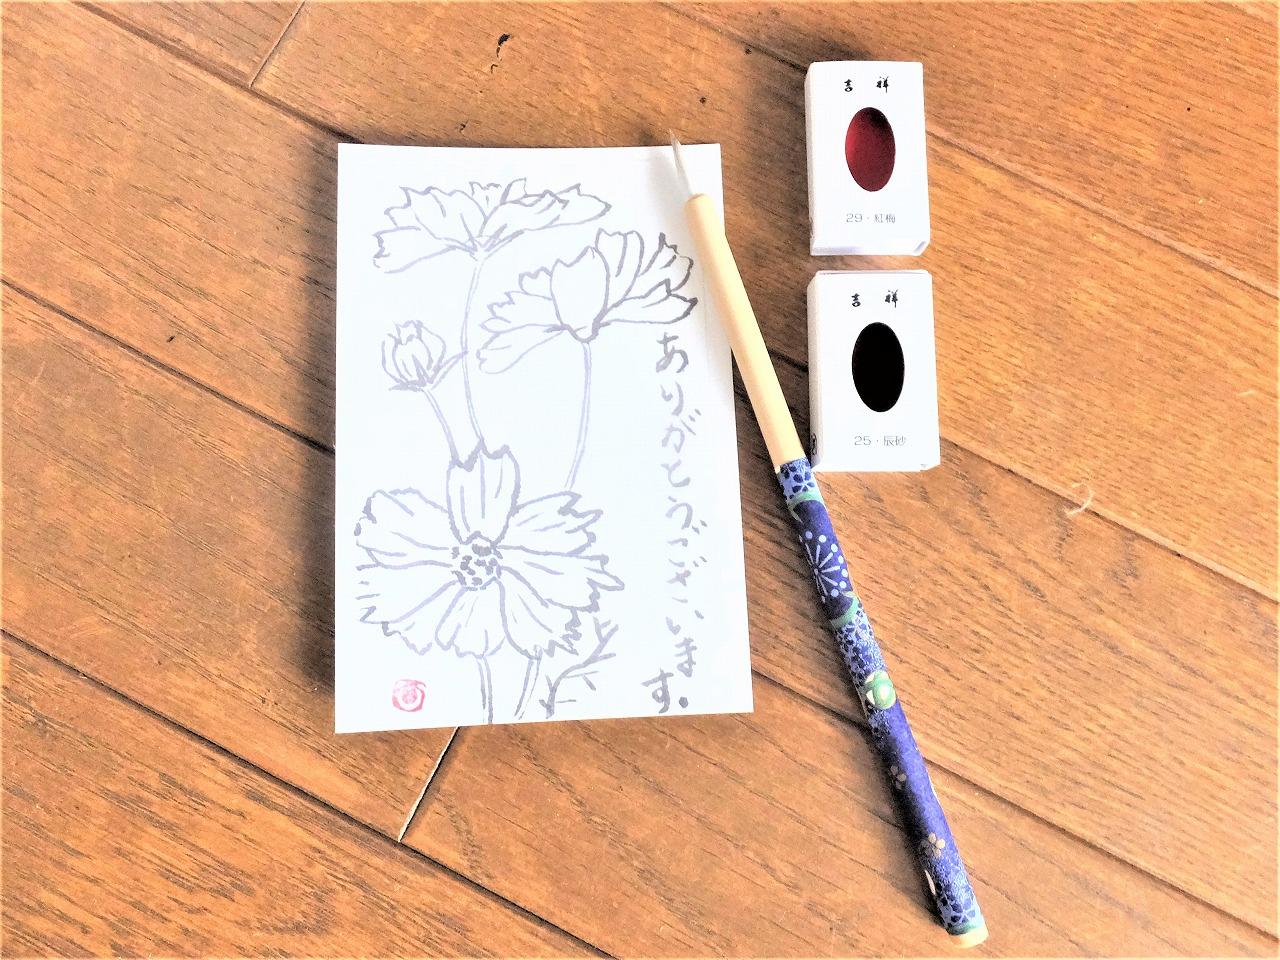 絵手紙の道具をそろえています。